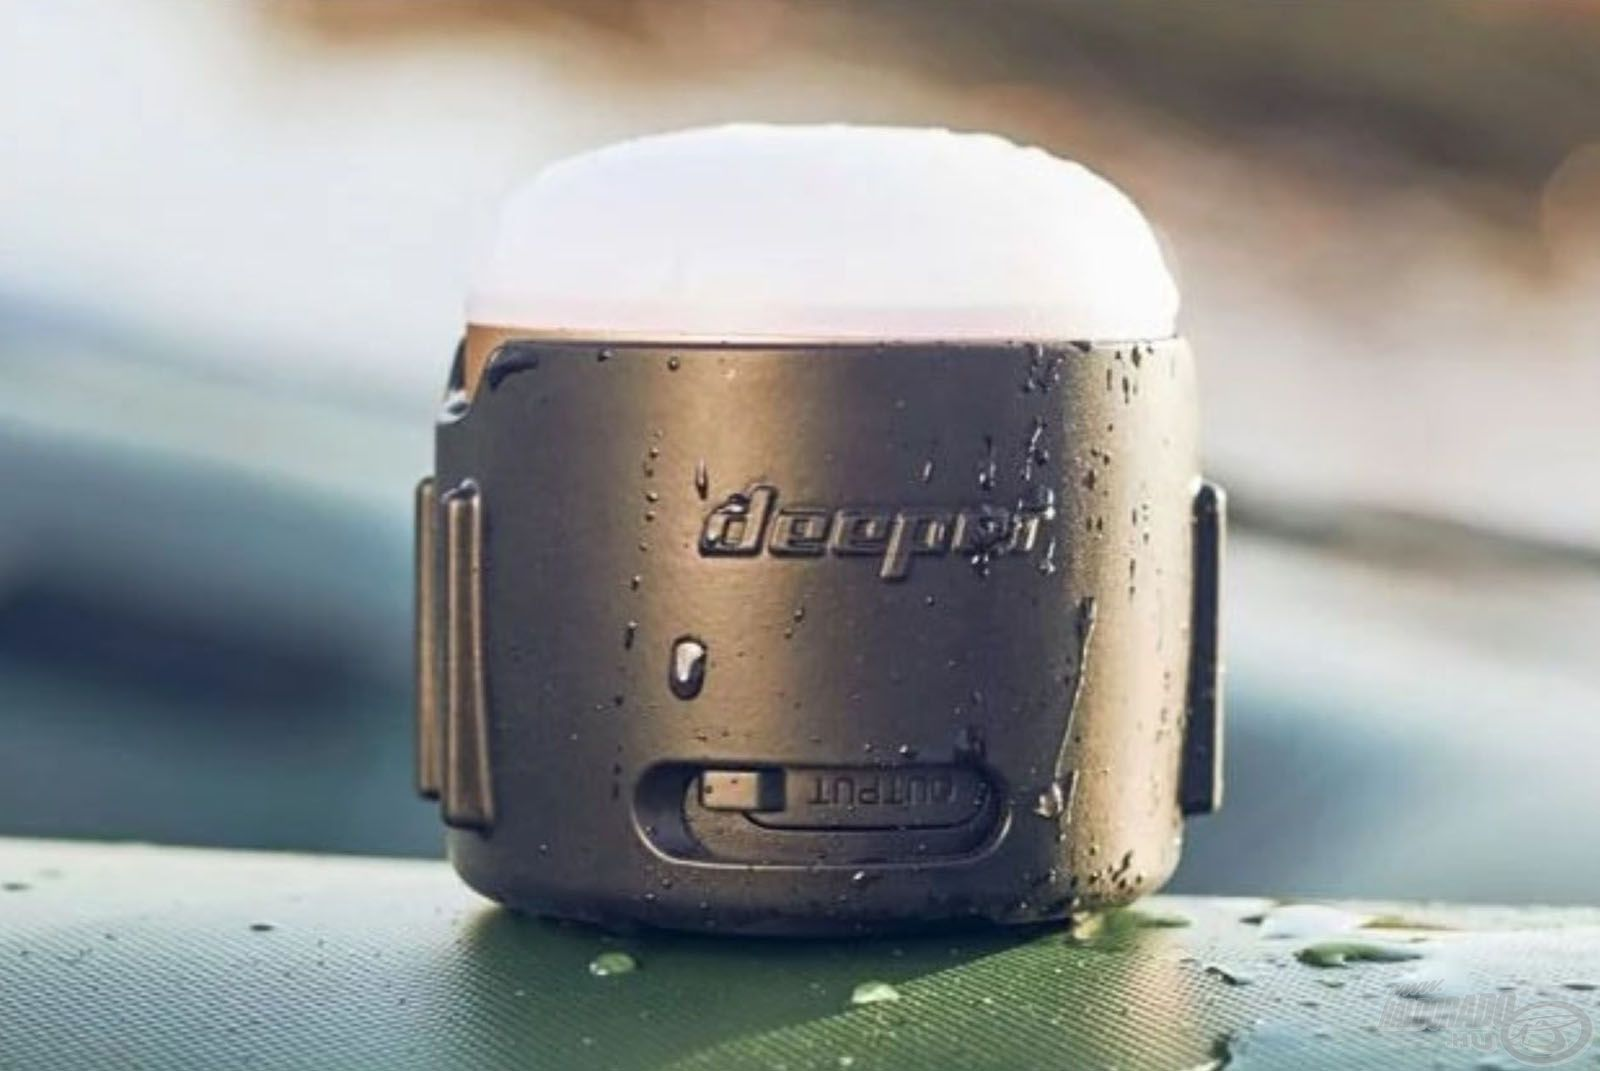 Esős időben is tökéletesen használható, köszönhetően a víz- és porálló kialakításnak